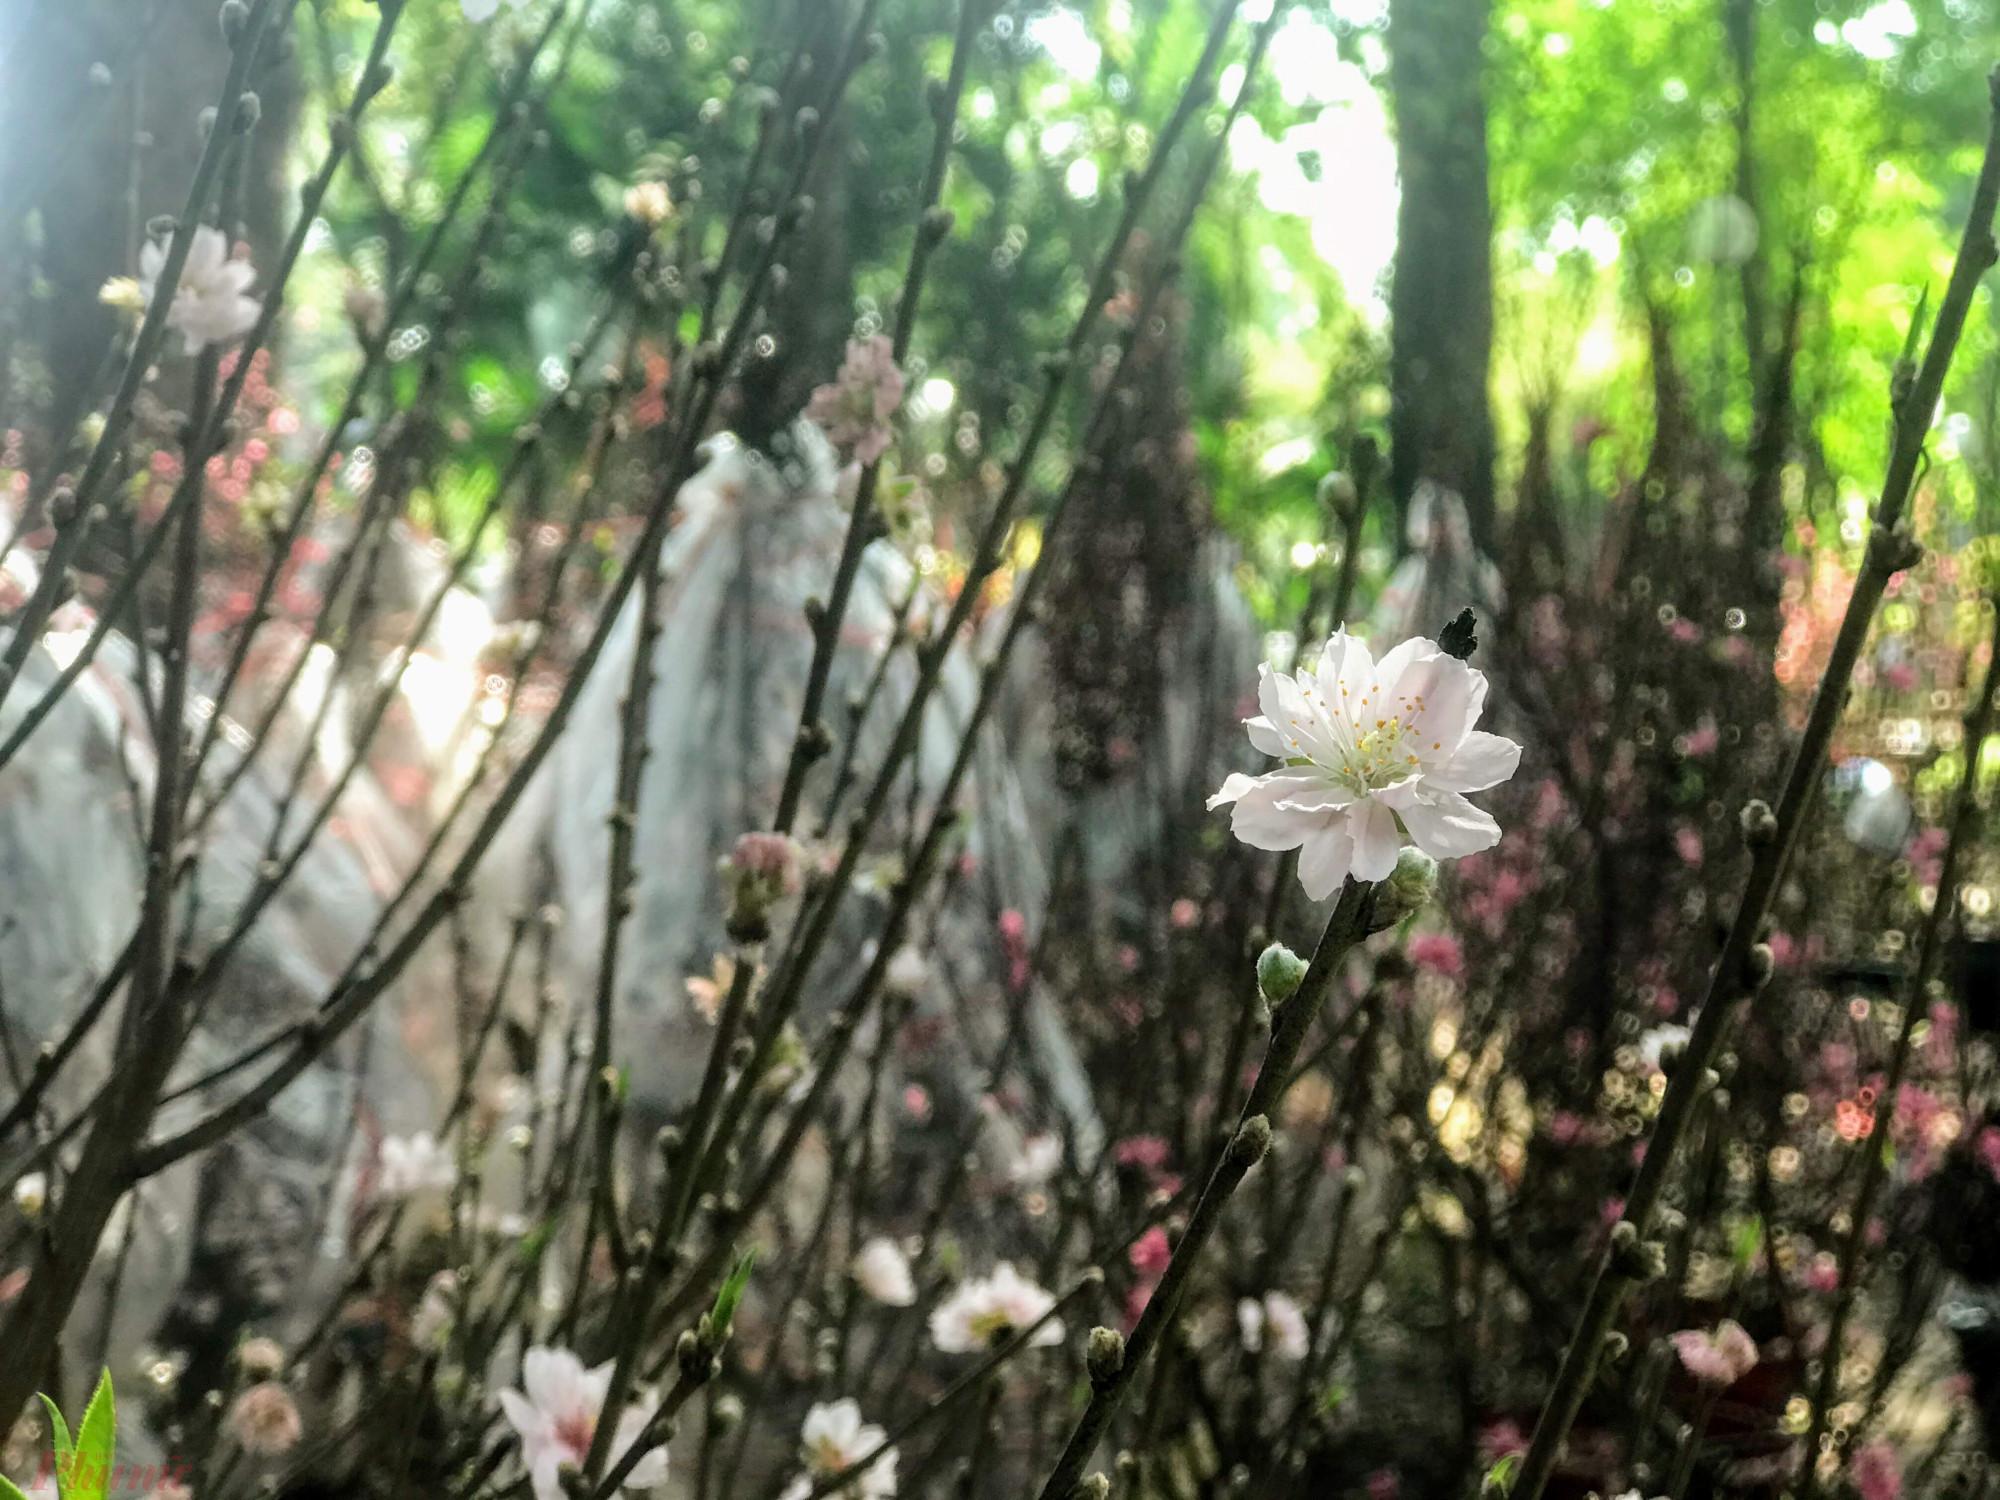 Các đầu mối đưa khá nhiều giống đào khác nhau vè Sài Gòn, từ bích đào, bạch đào, đào phai đến cả những giống đào rừng...